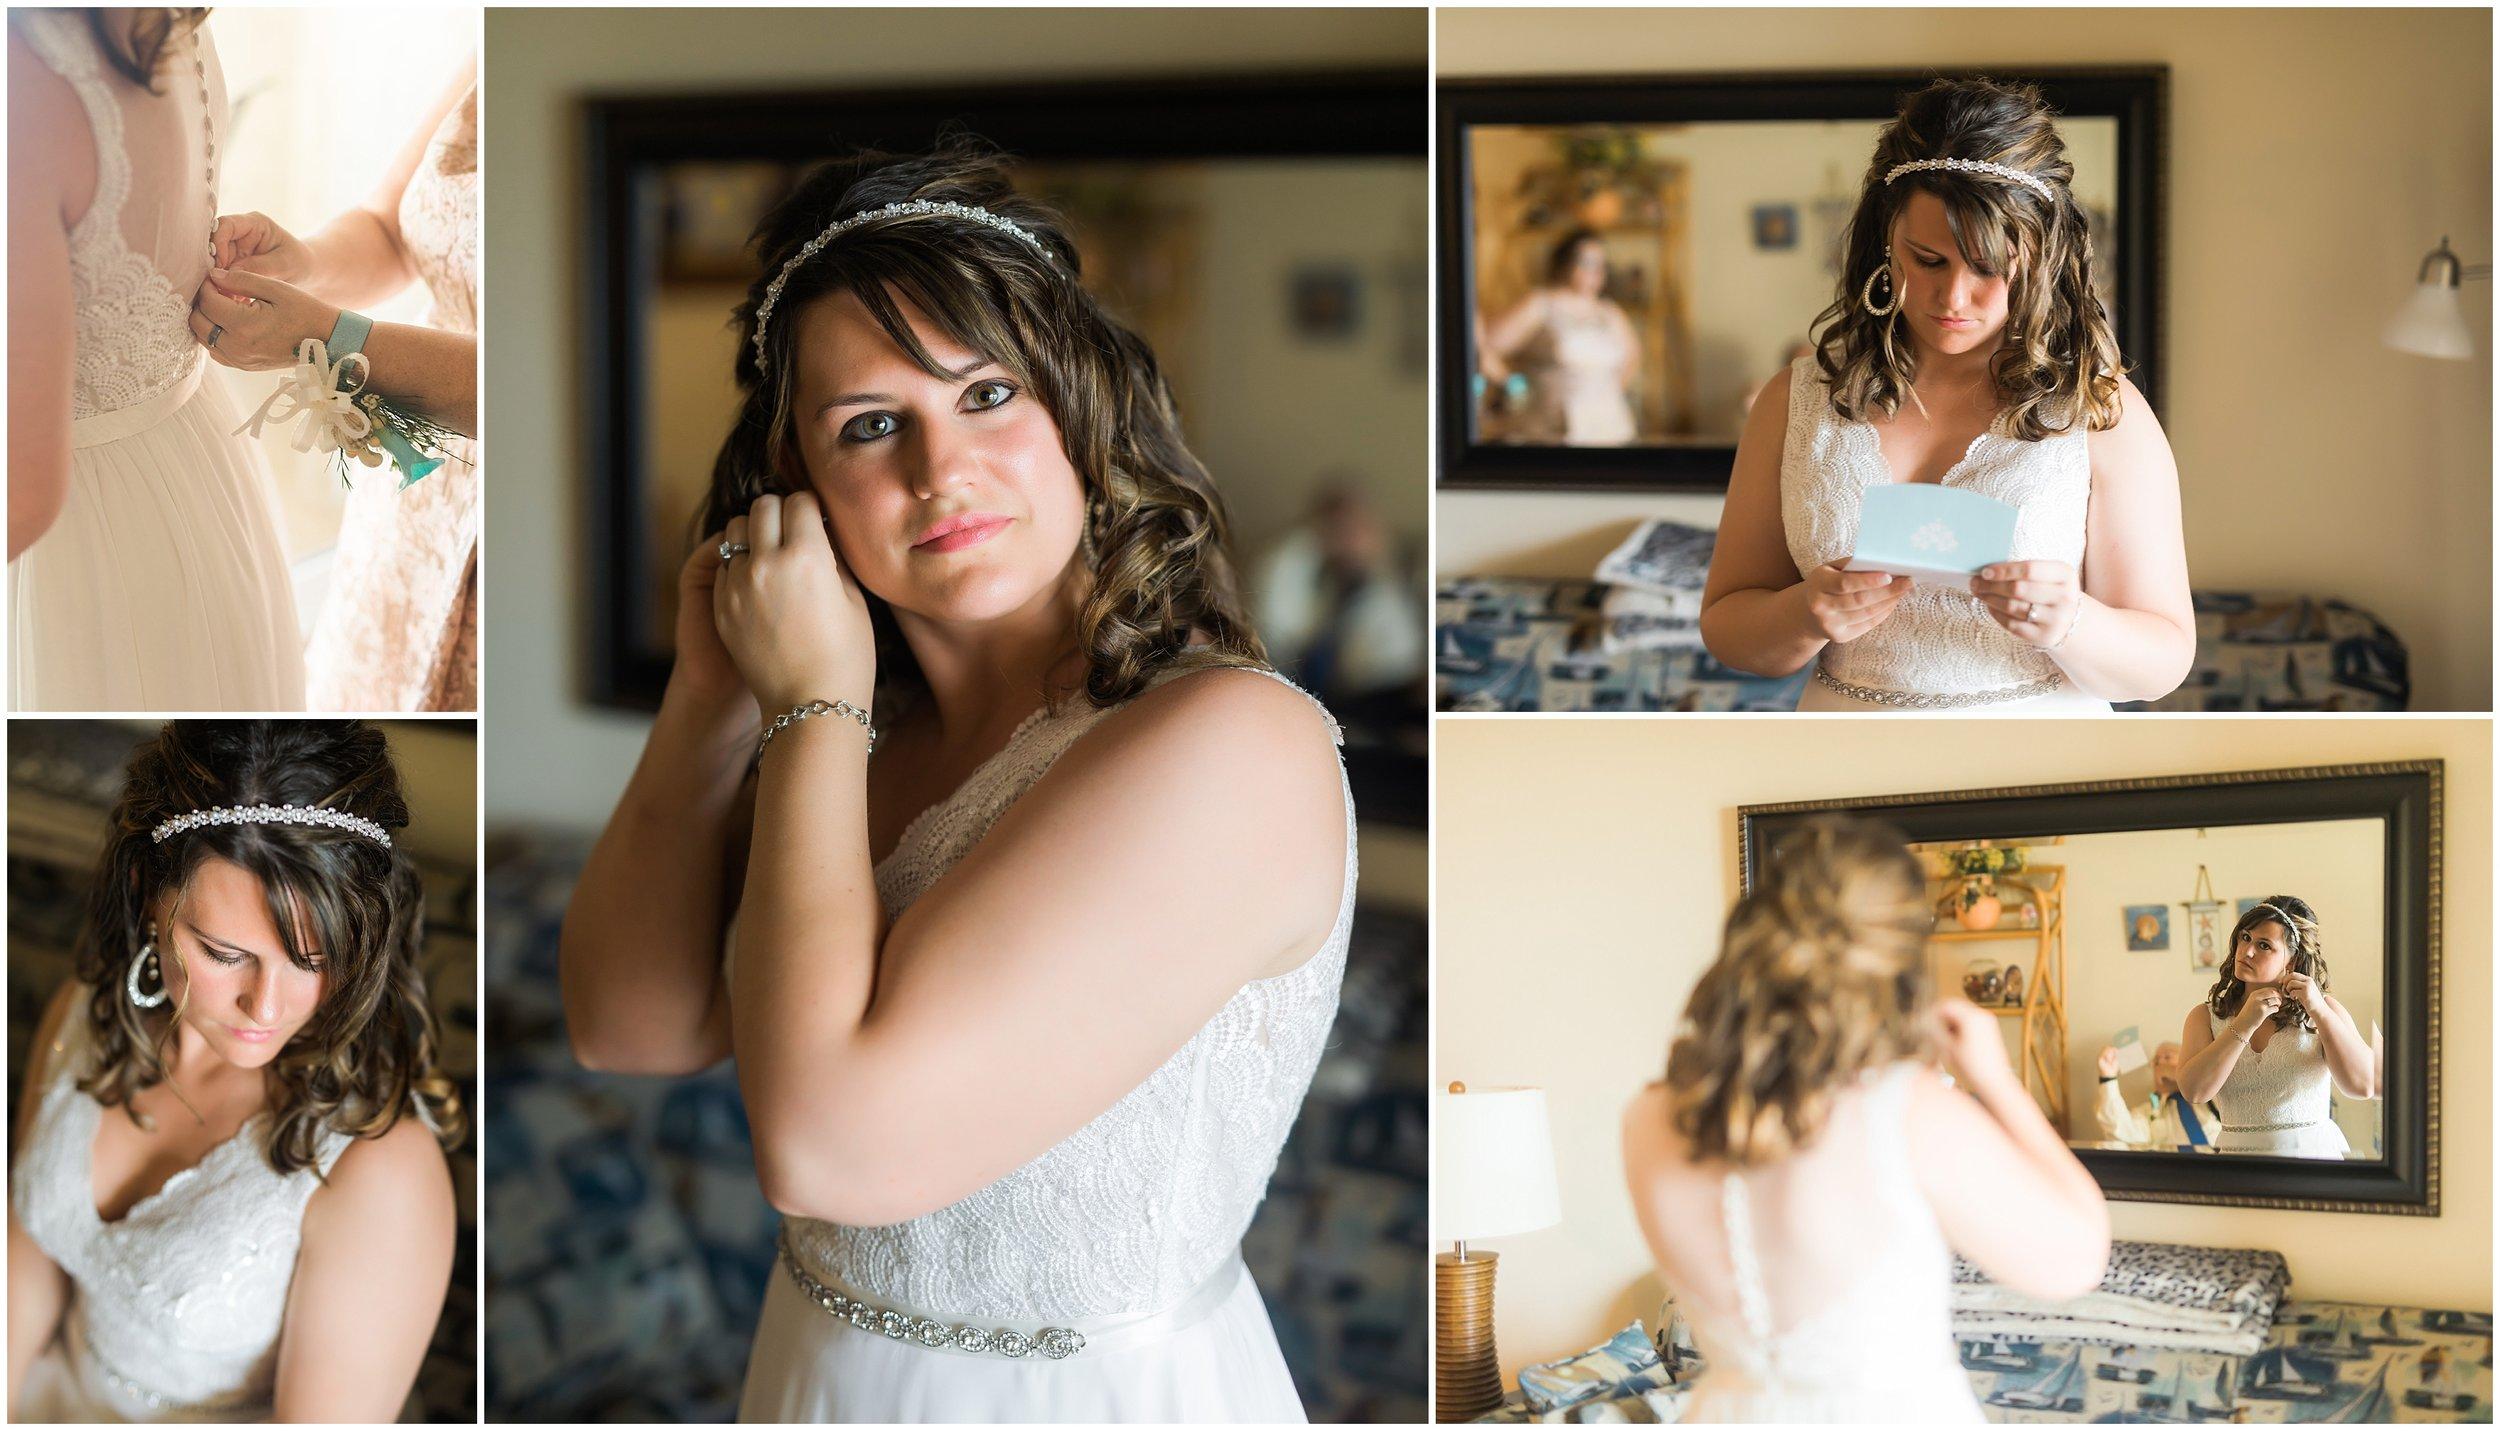 myrtle beach destination wedding photography - hannah ruth